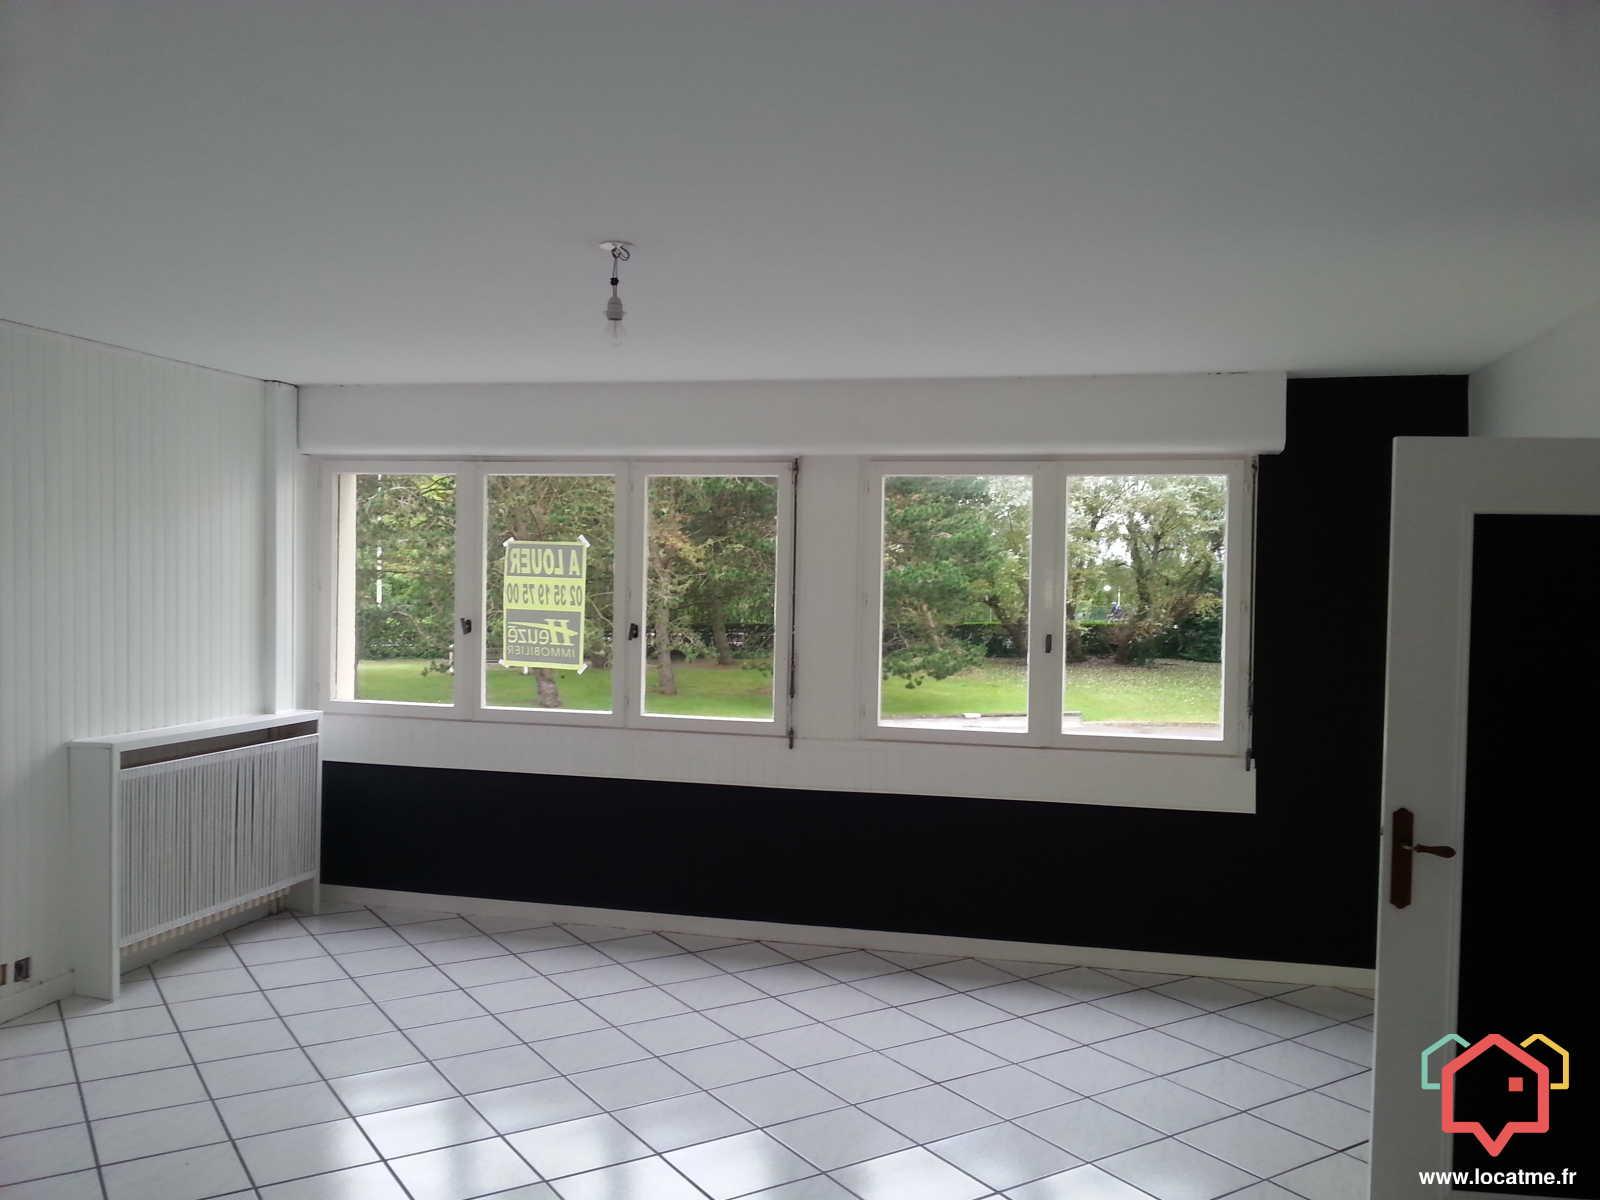 Location Appartement Non Meublé 77m2 à Le Havre